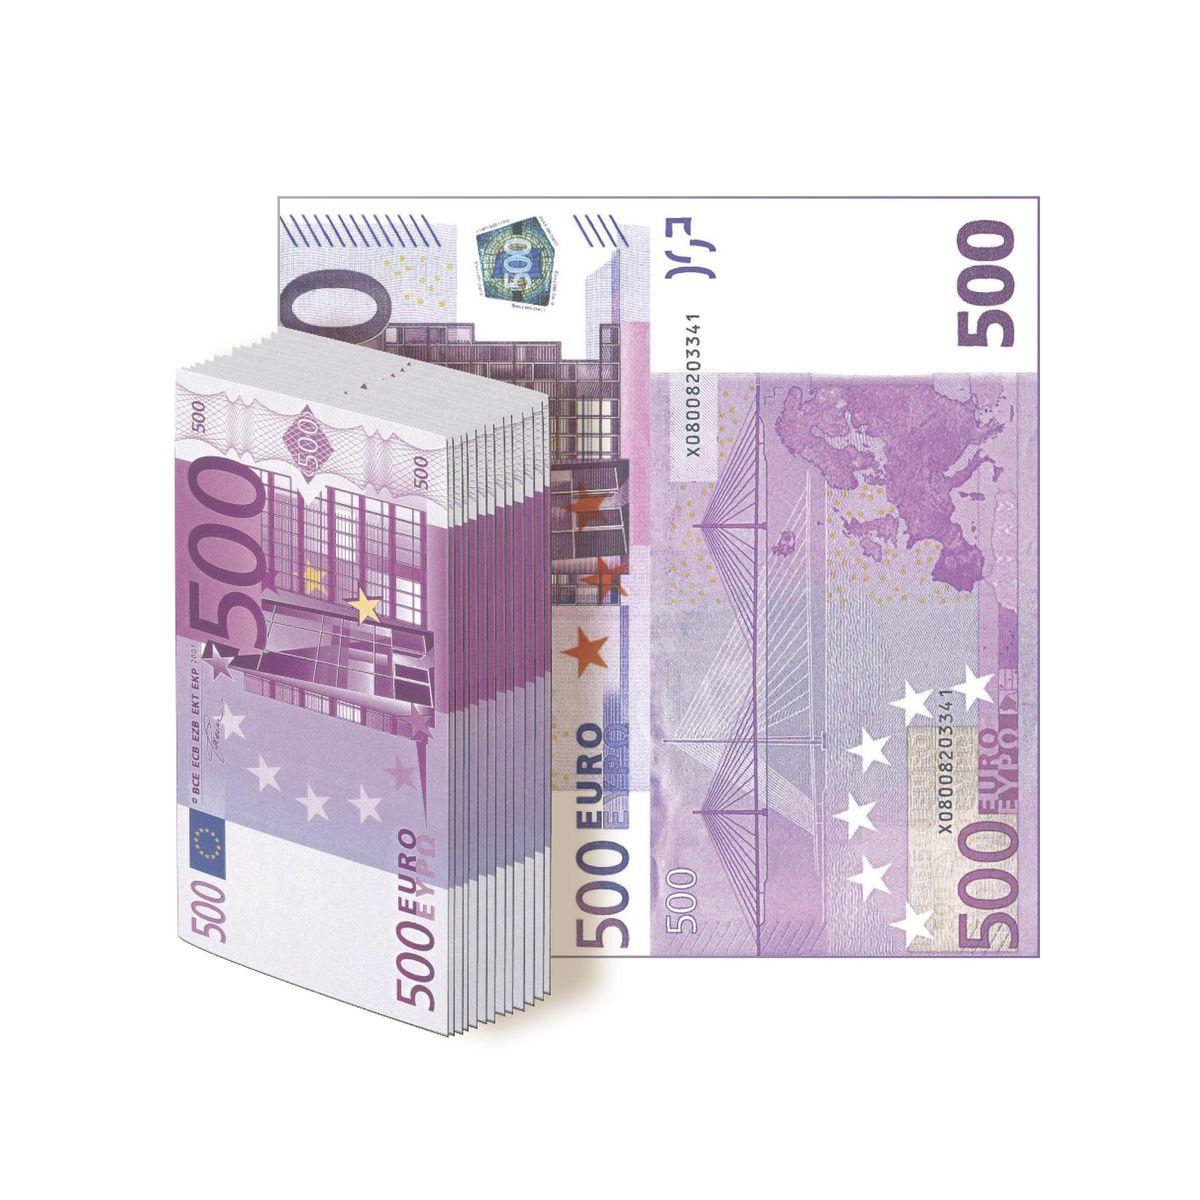 Салфетки бумажные Gratias 500 евро, трехслойные, 33 х 33 см, 12 шт91622Бумажные салфетки в виде купюр евро. Отличный выбор для оформления веселой вечеринки, подчеркнет ваше прекрасное чувствоюмора и добавит дополнительного антуража на ваш праздник. Размер салфеток: - в сложенном виде: 16 х 8 см; - в развернутом виде: 33 х 33 см.